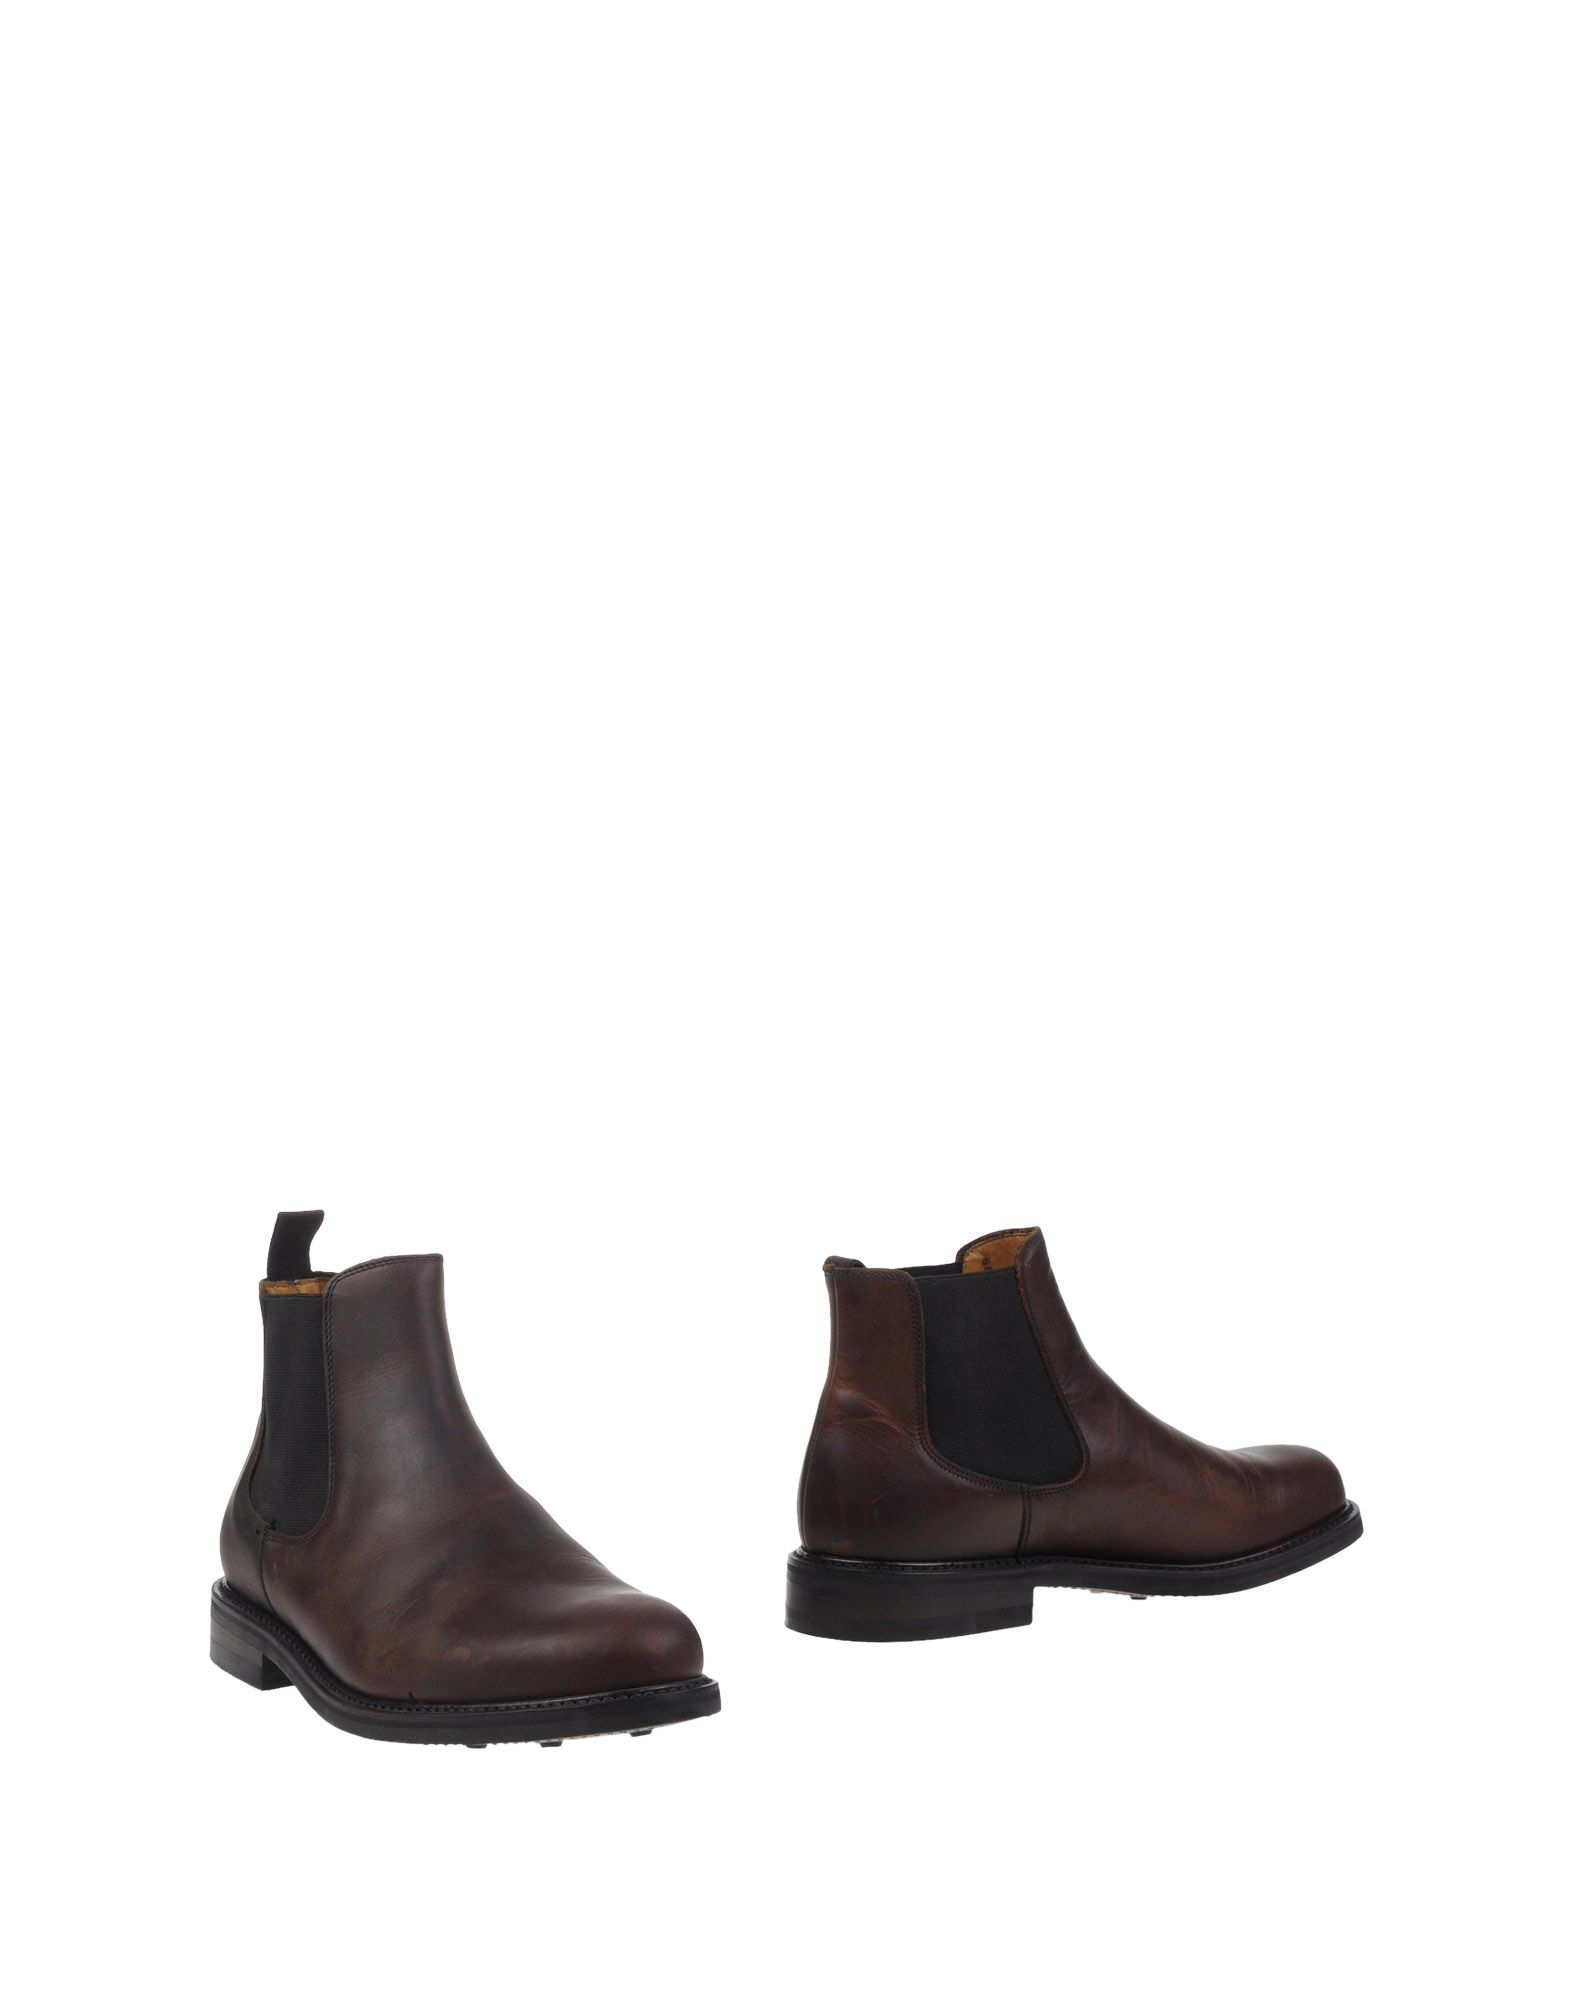 Berwick  Berwick 1707 Boots - Men Berwick   1707 Boots online on  United Kingdom - 11084537FG af011d